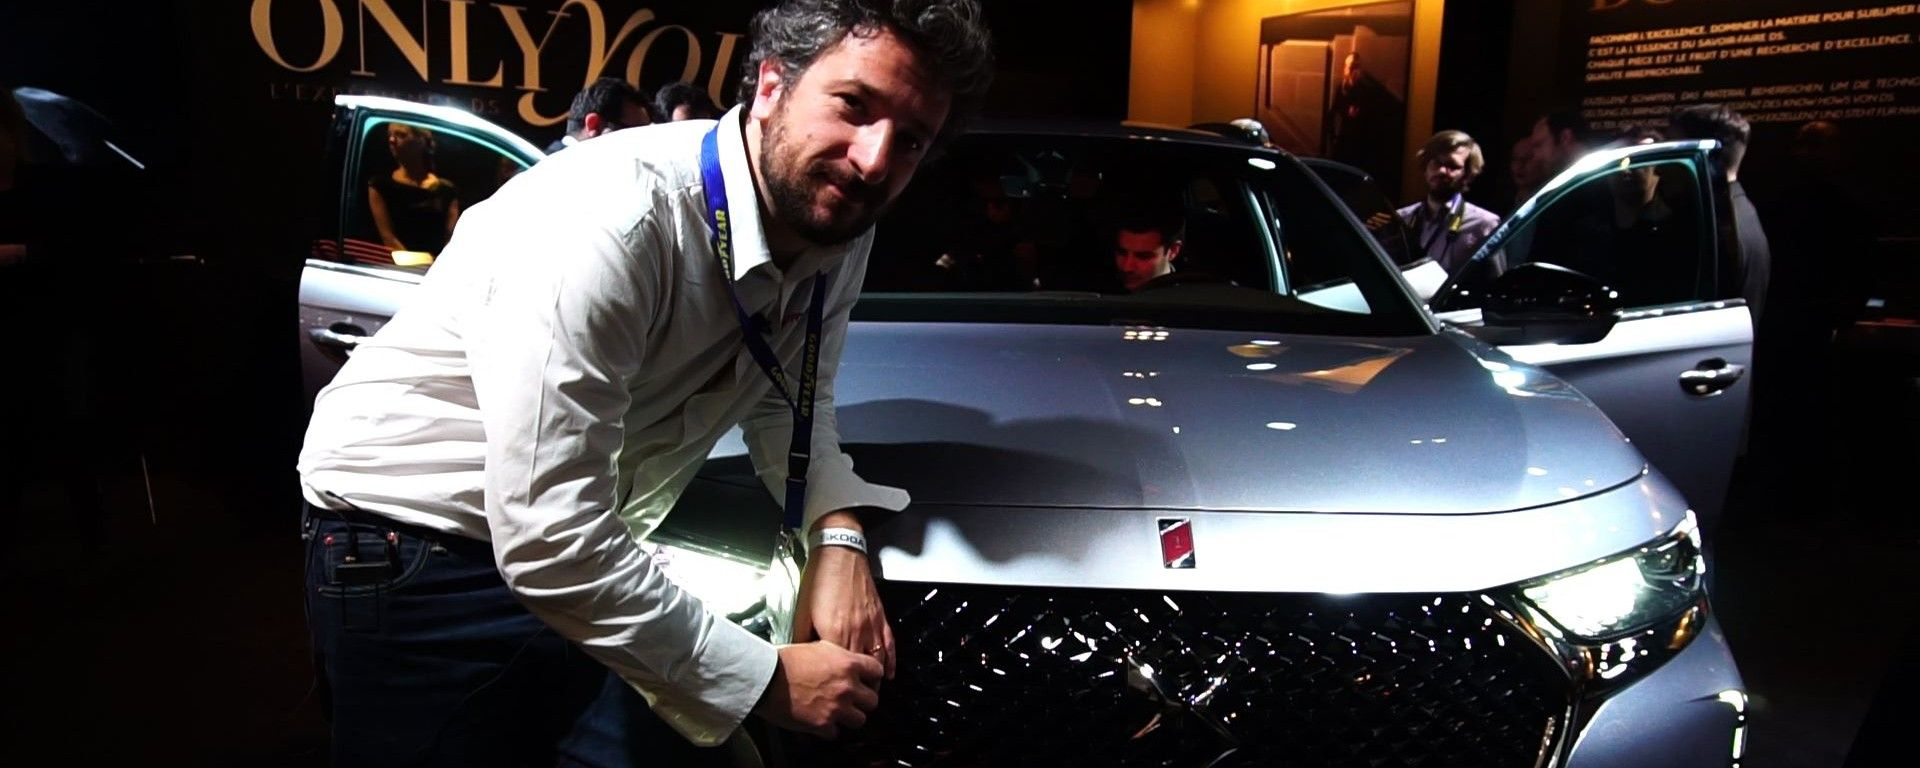 DS 7 Crossback: in video dal Salone di Ginevra 2017